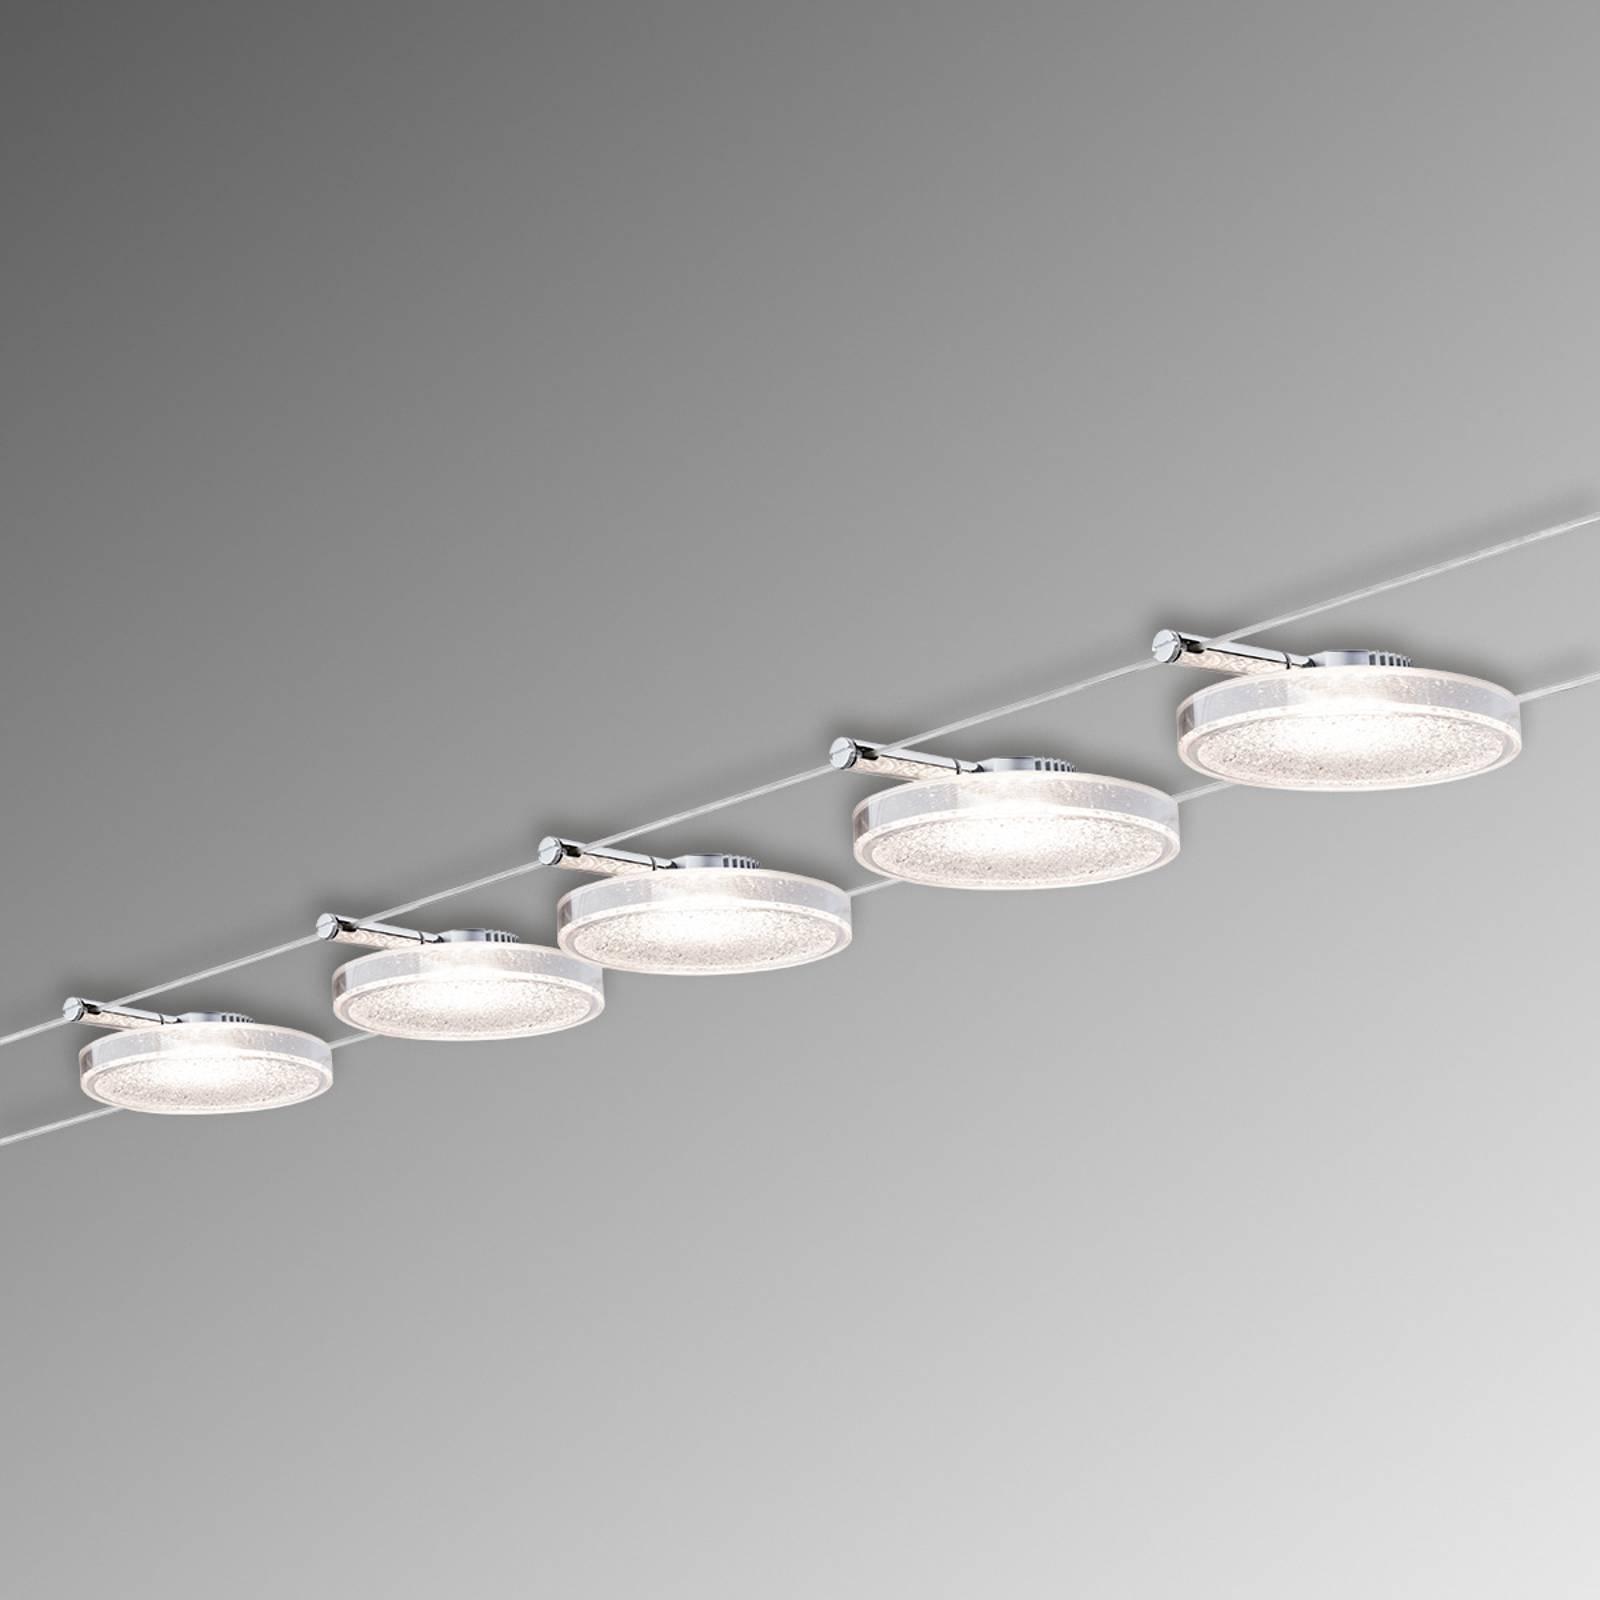 Paulmann 94110 Lankové systémy osvětlení